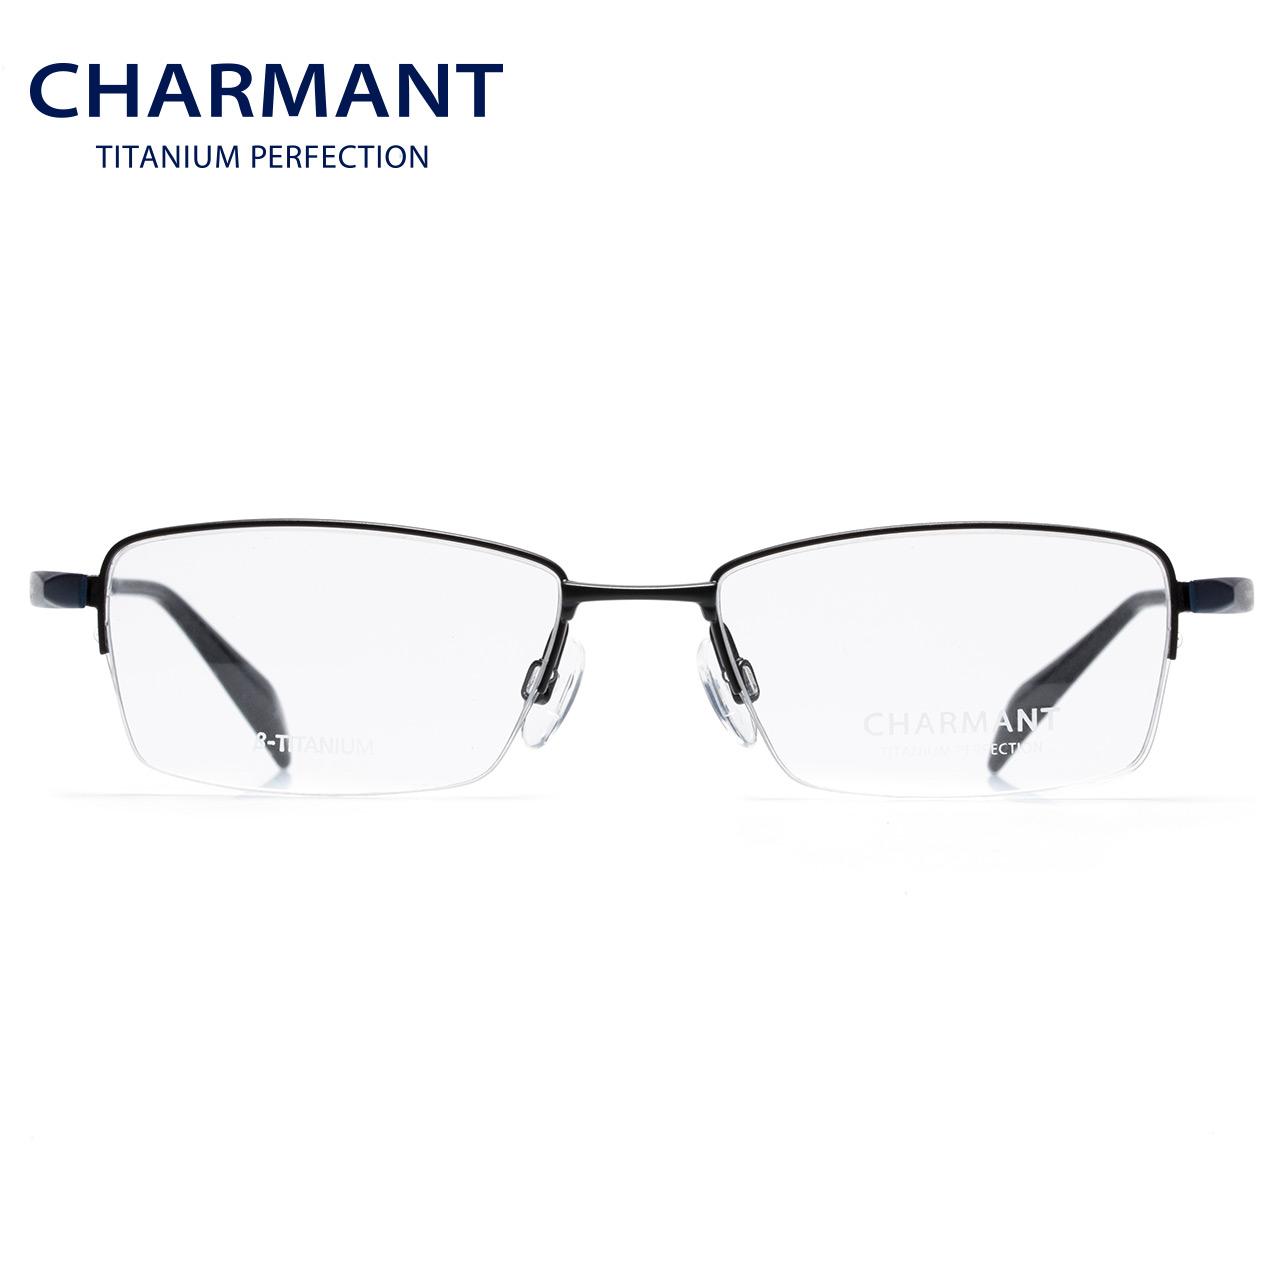 CHARMANT夏蒙眼镜架男士近视眼镜商务轻便钛合金半框镜框CH10322